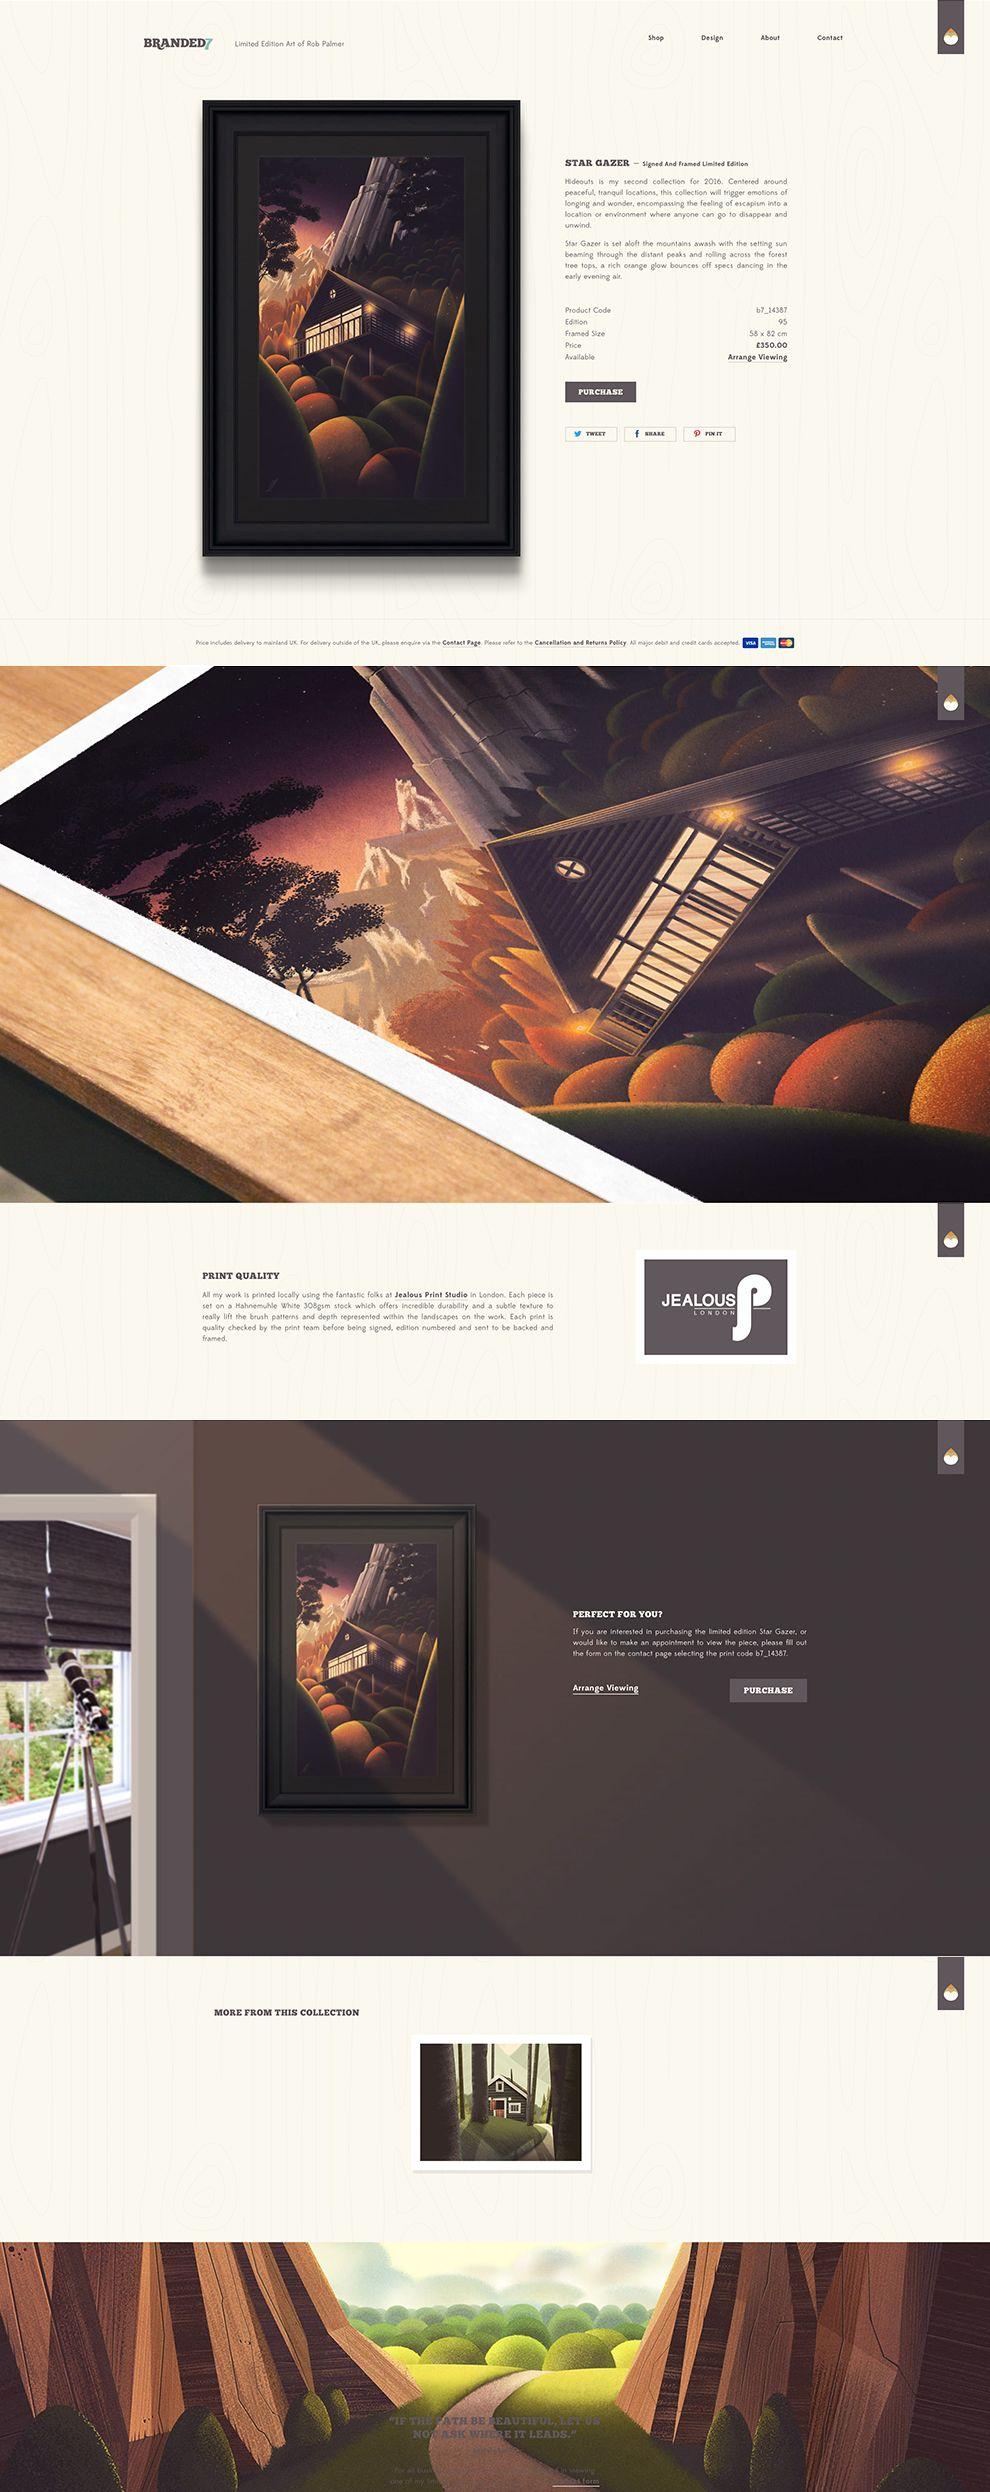 Branded7 Elegant Website Design